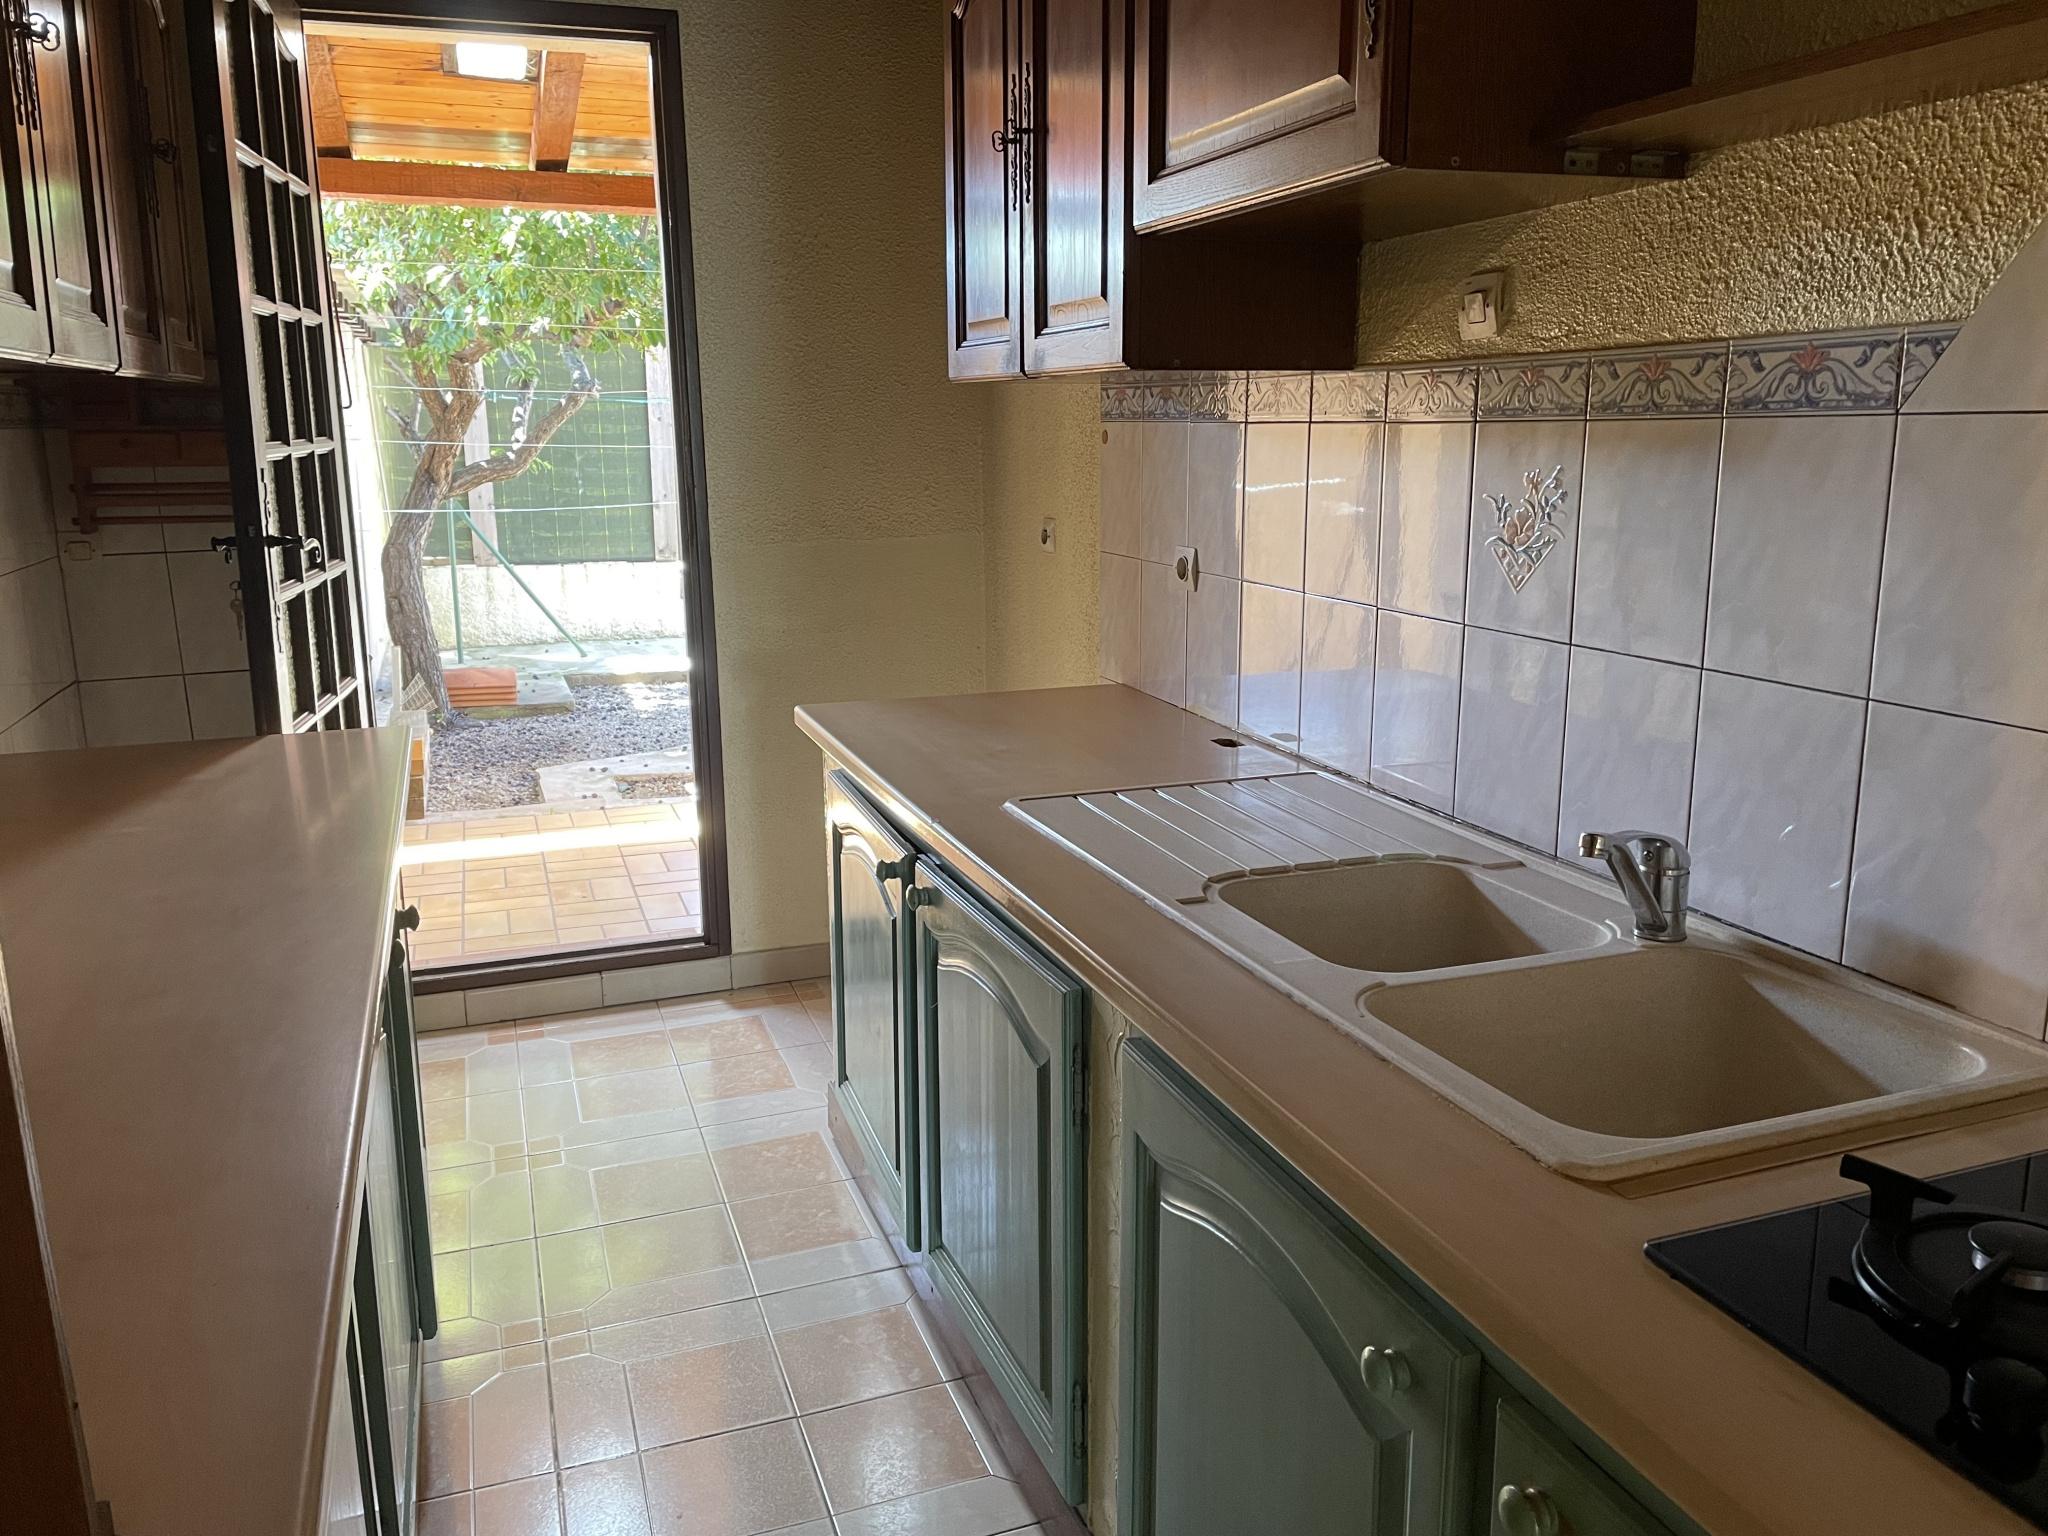 À vendre maison/villa de 100m2 à st genis des fontaines (66740) - Photo 14'